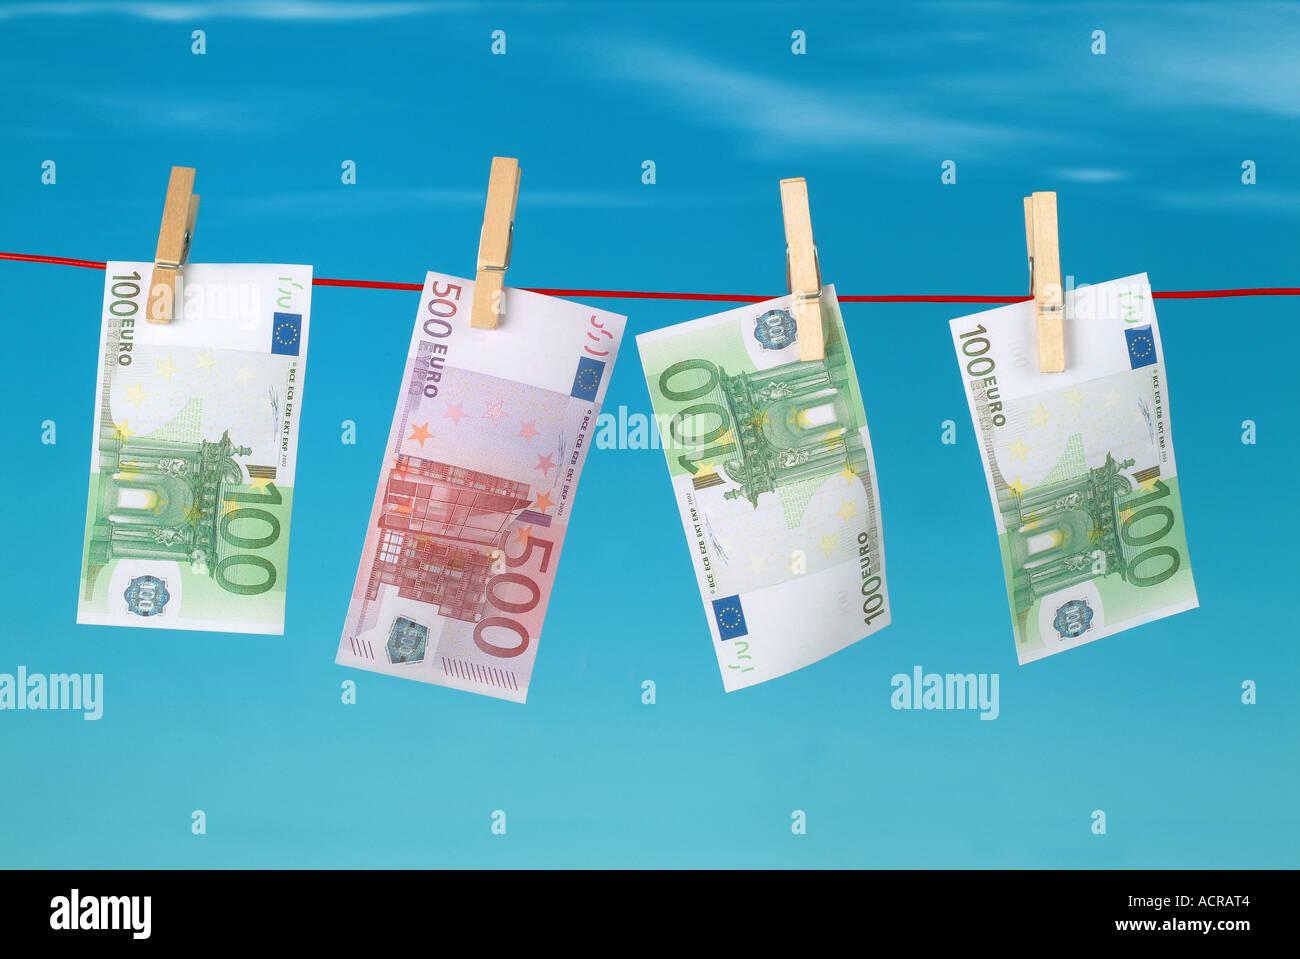 euros on a clothesline Euros auf Wäscheleine - Stock Image